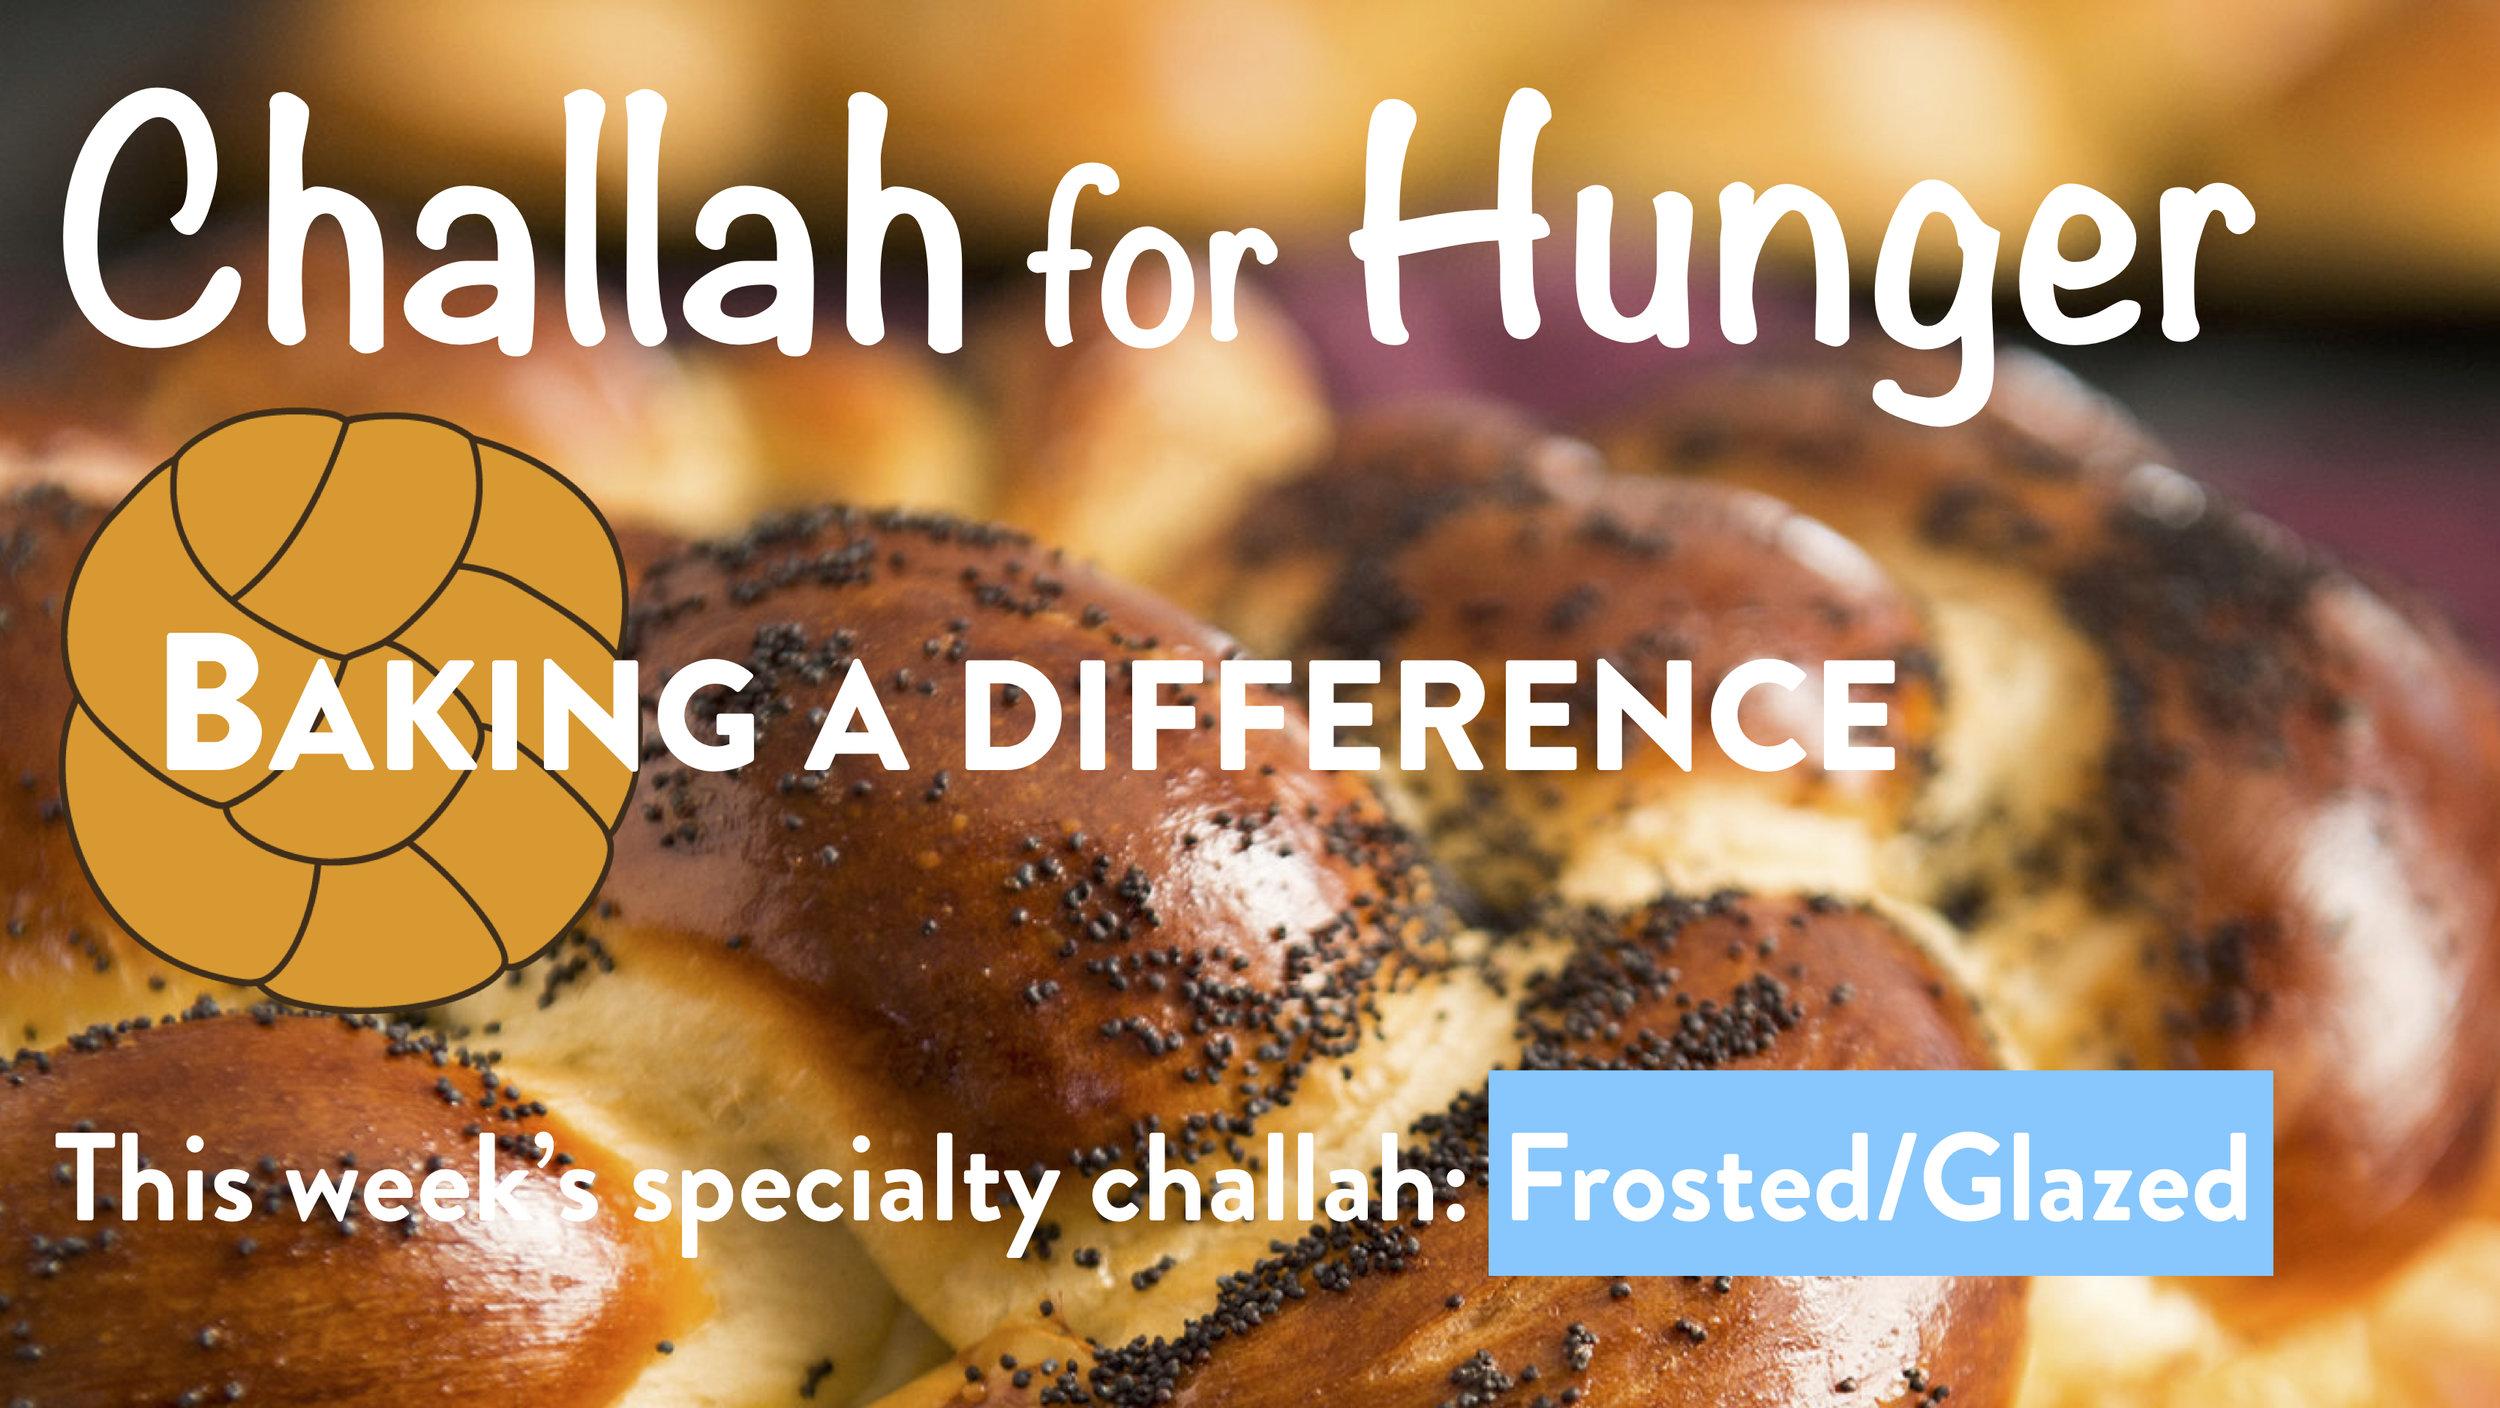 c4h fb challah for hunger fb.jpg